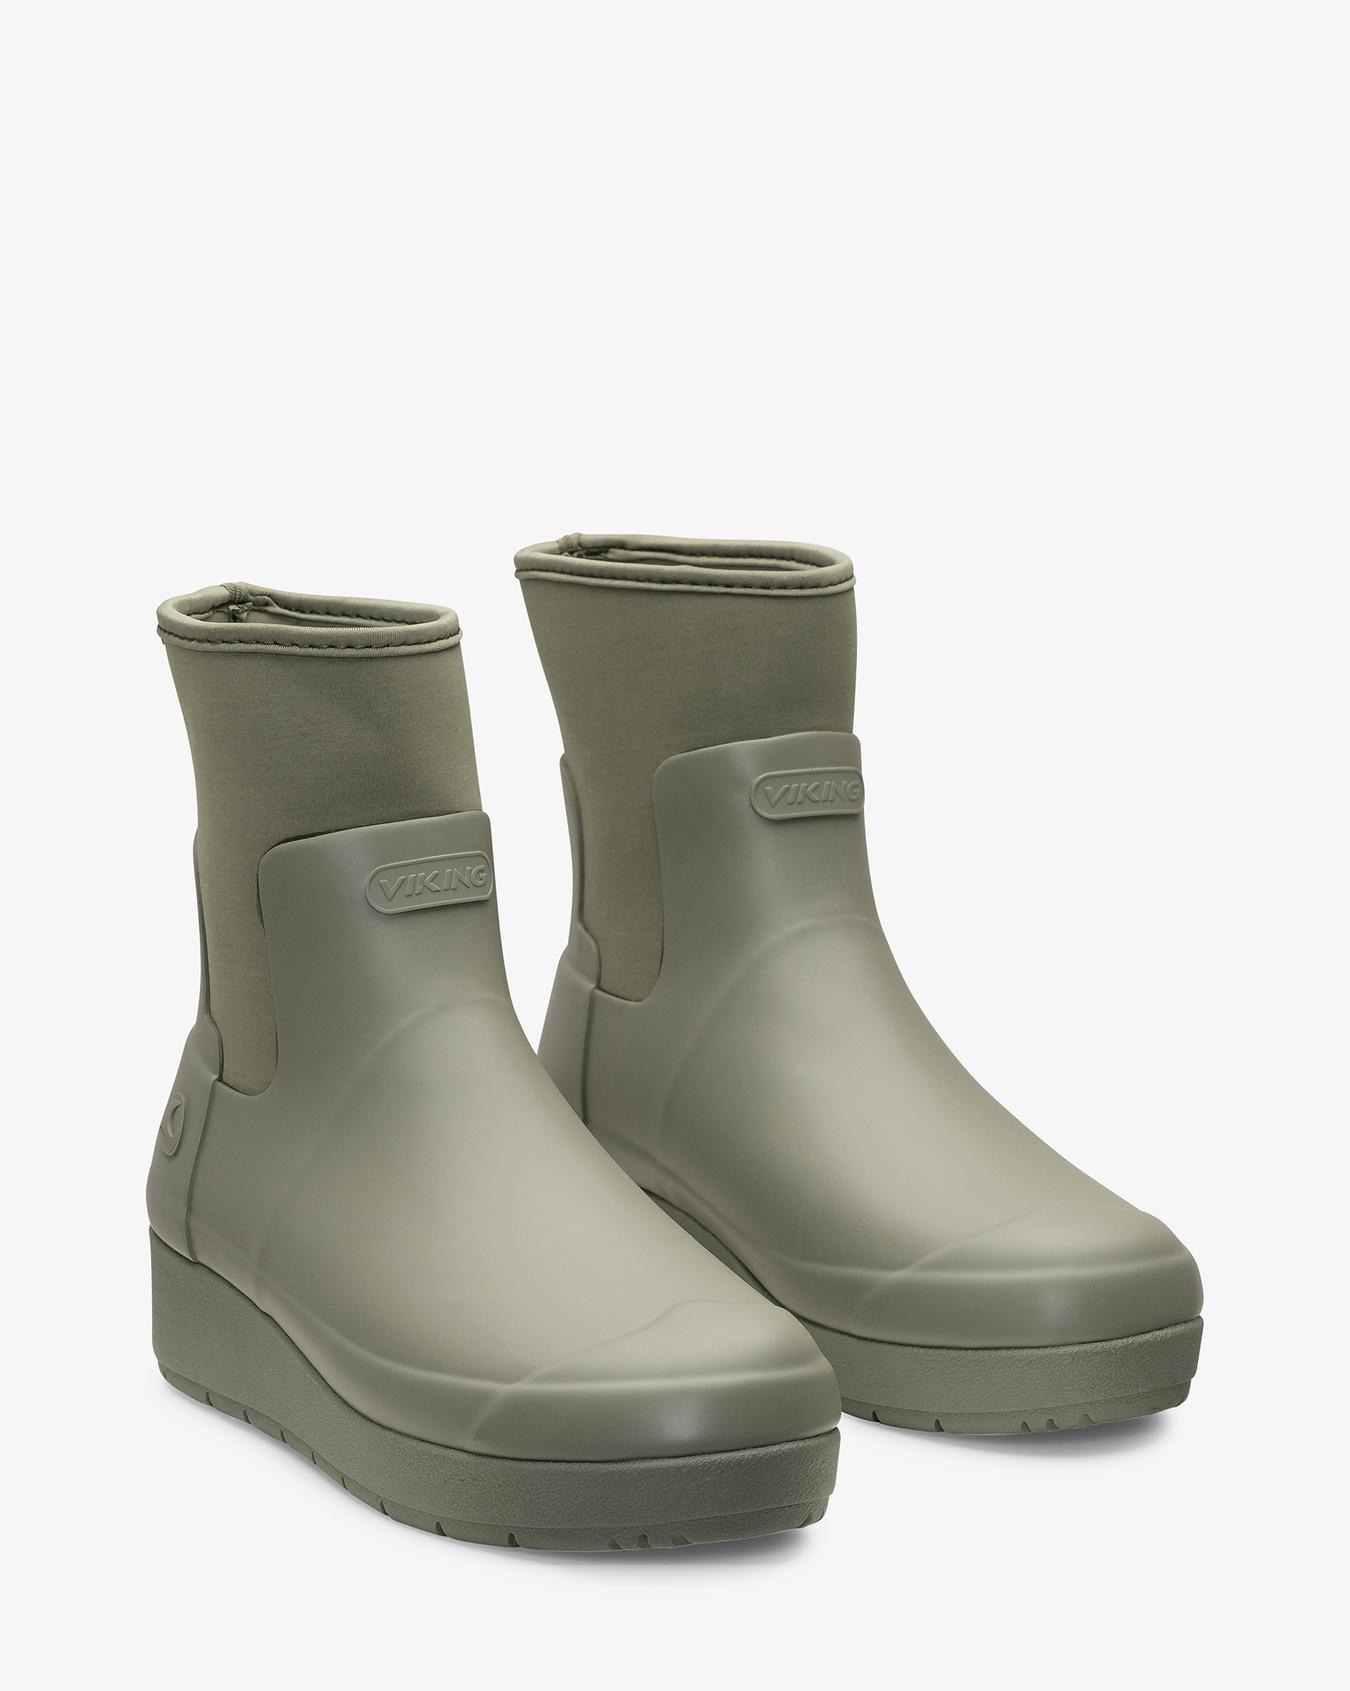 Stockholm Olive Rubber Boot